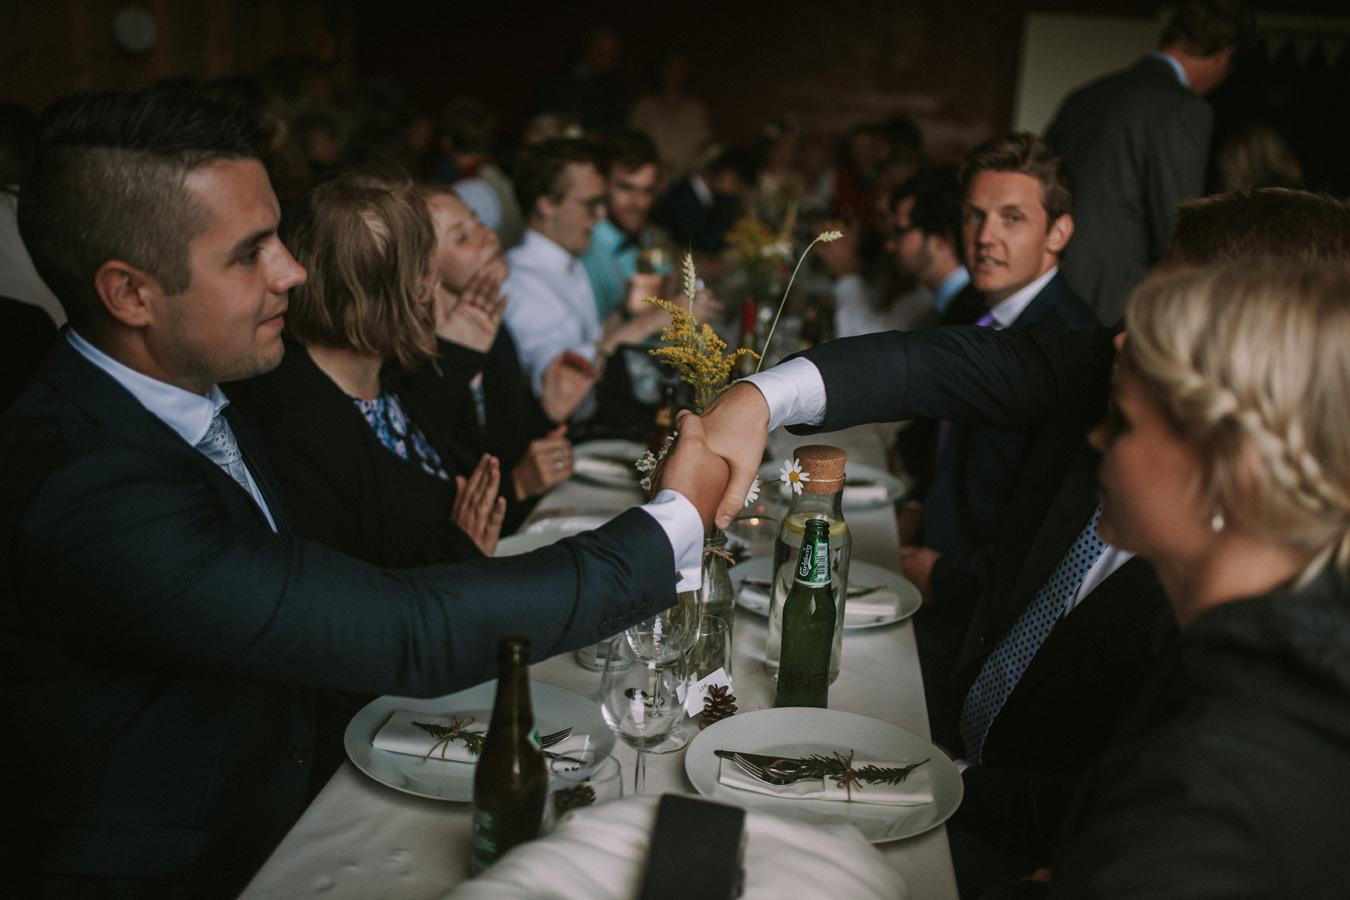 053-bryllupsfotograf-oslo-drobak-laavebryllup-tone-tvedt.jpg